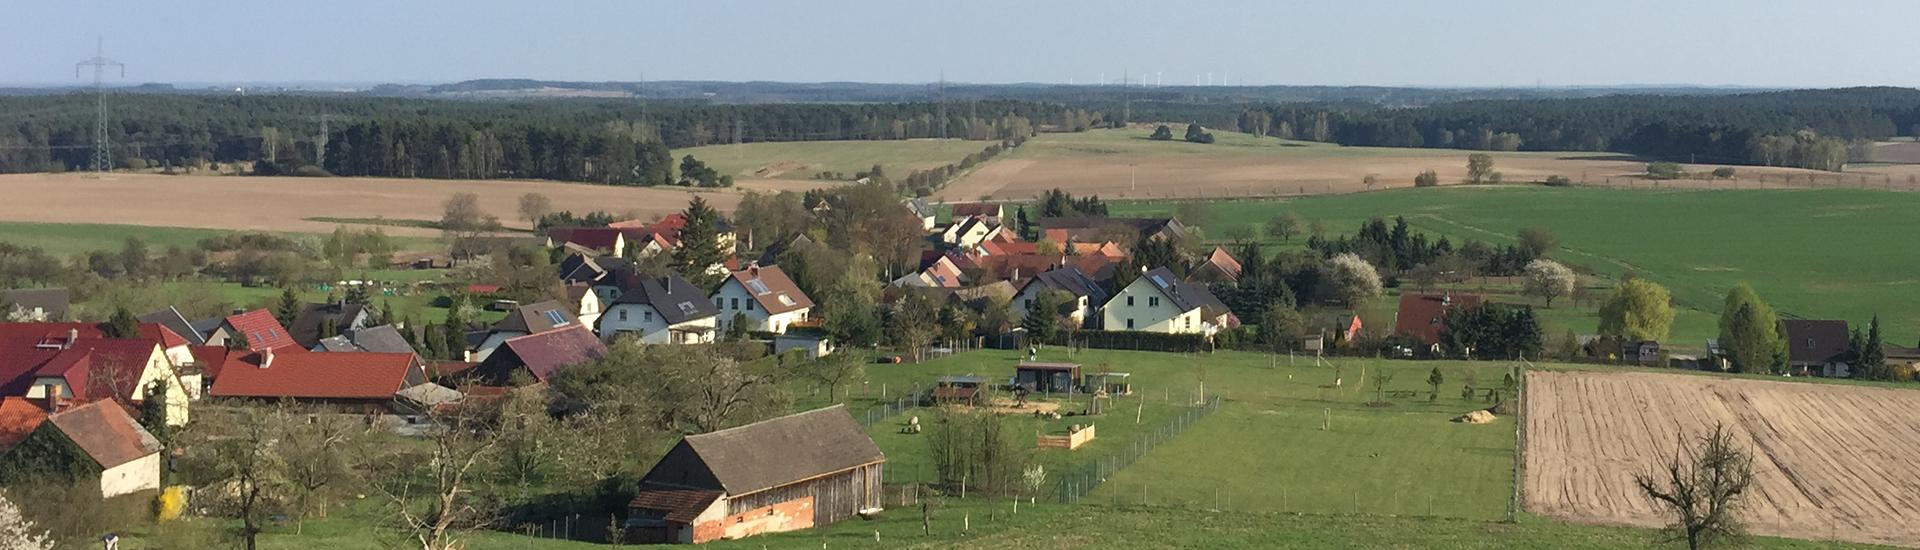 Unser Dorf hat Zukunft